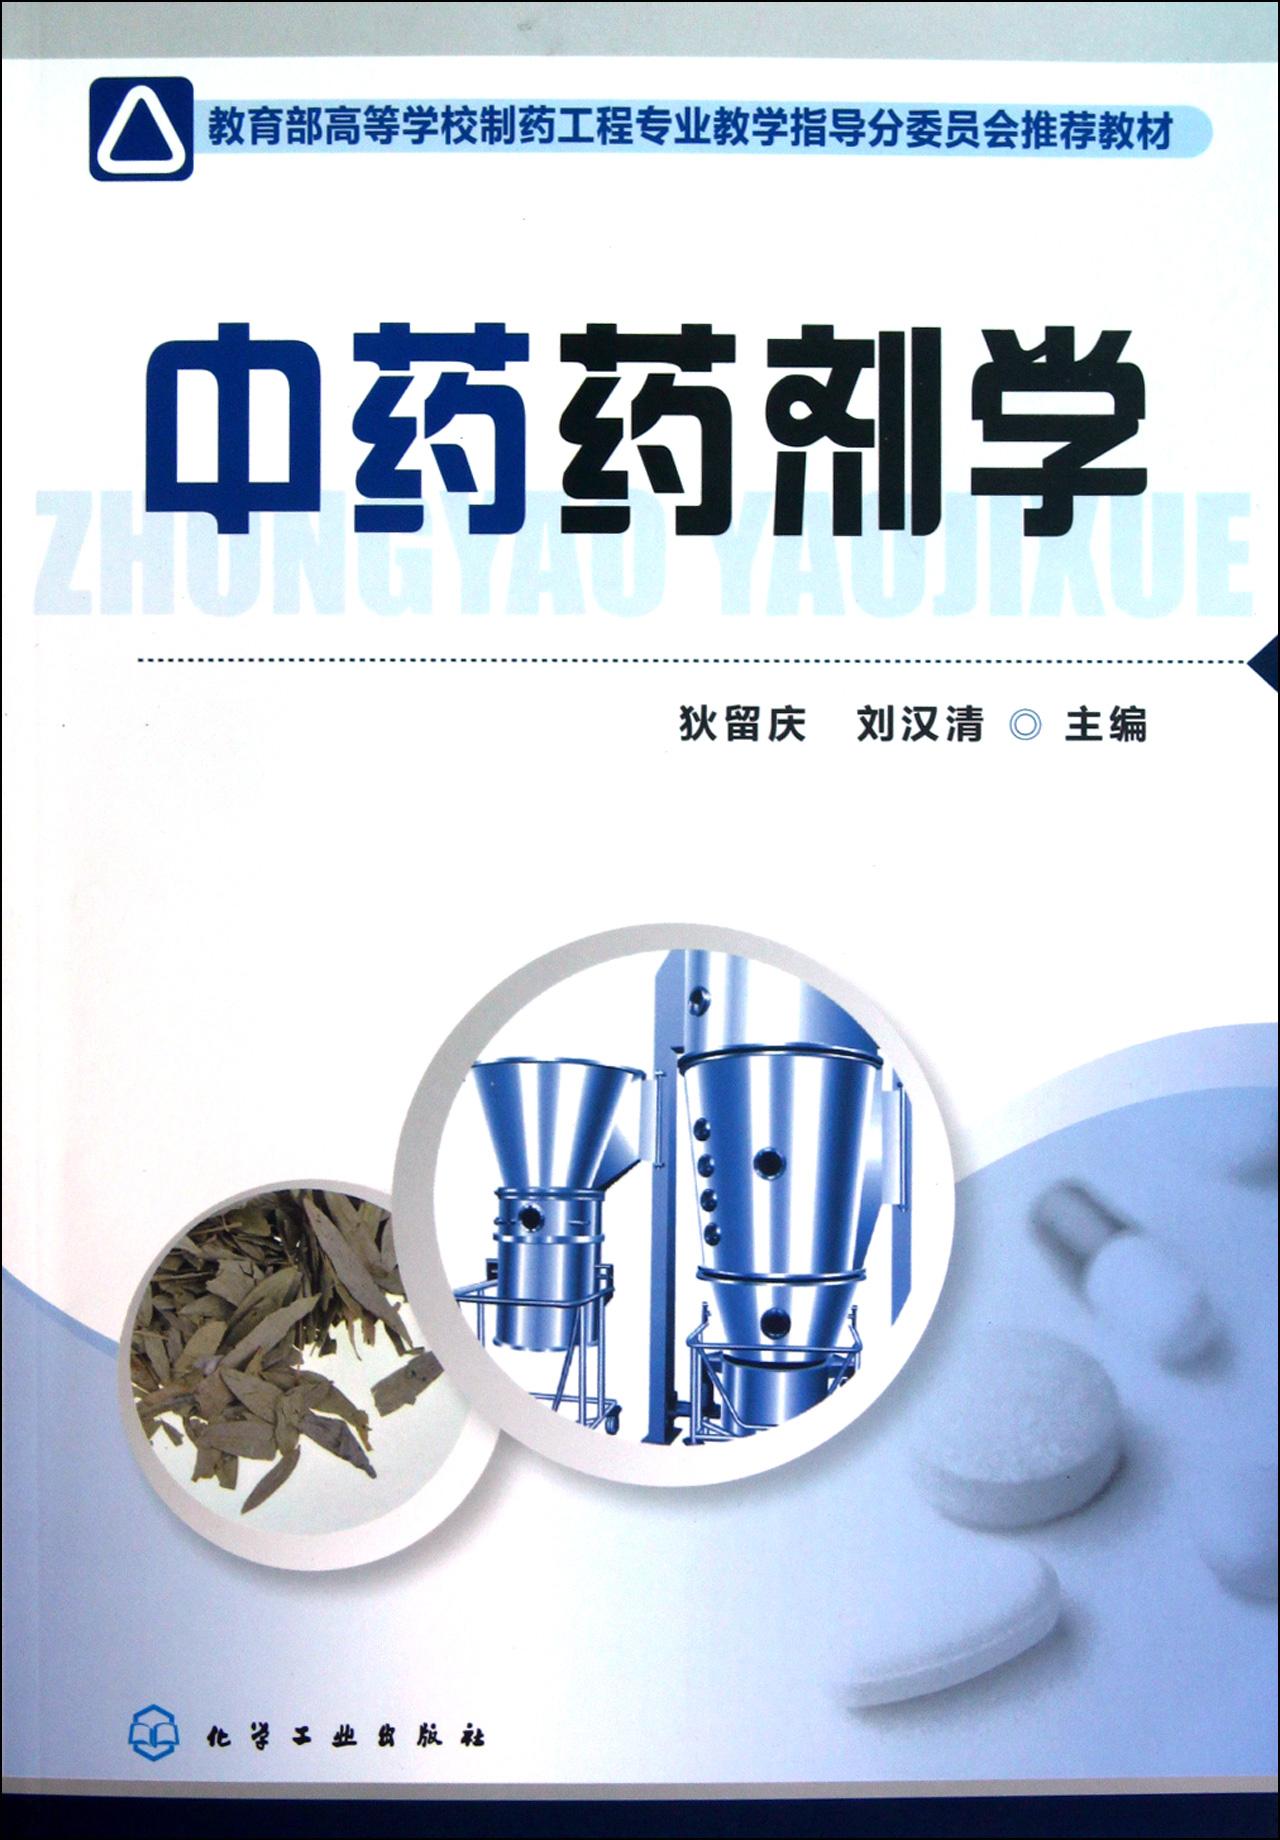 中药药剂学_中药药剂学-博库网